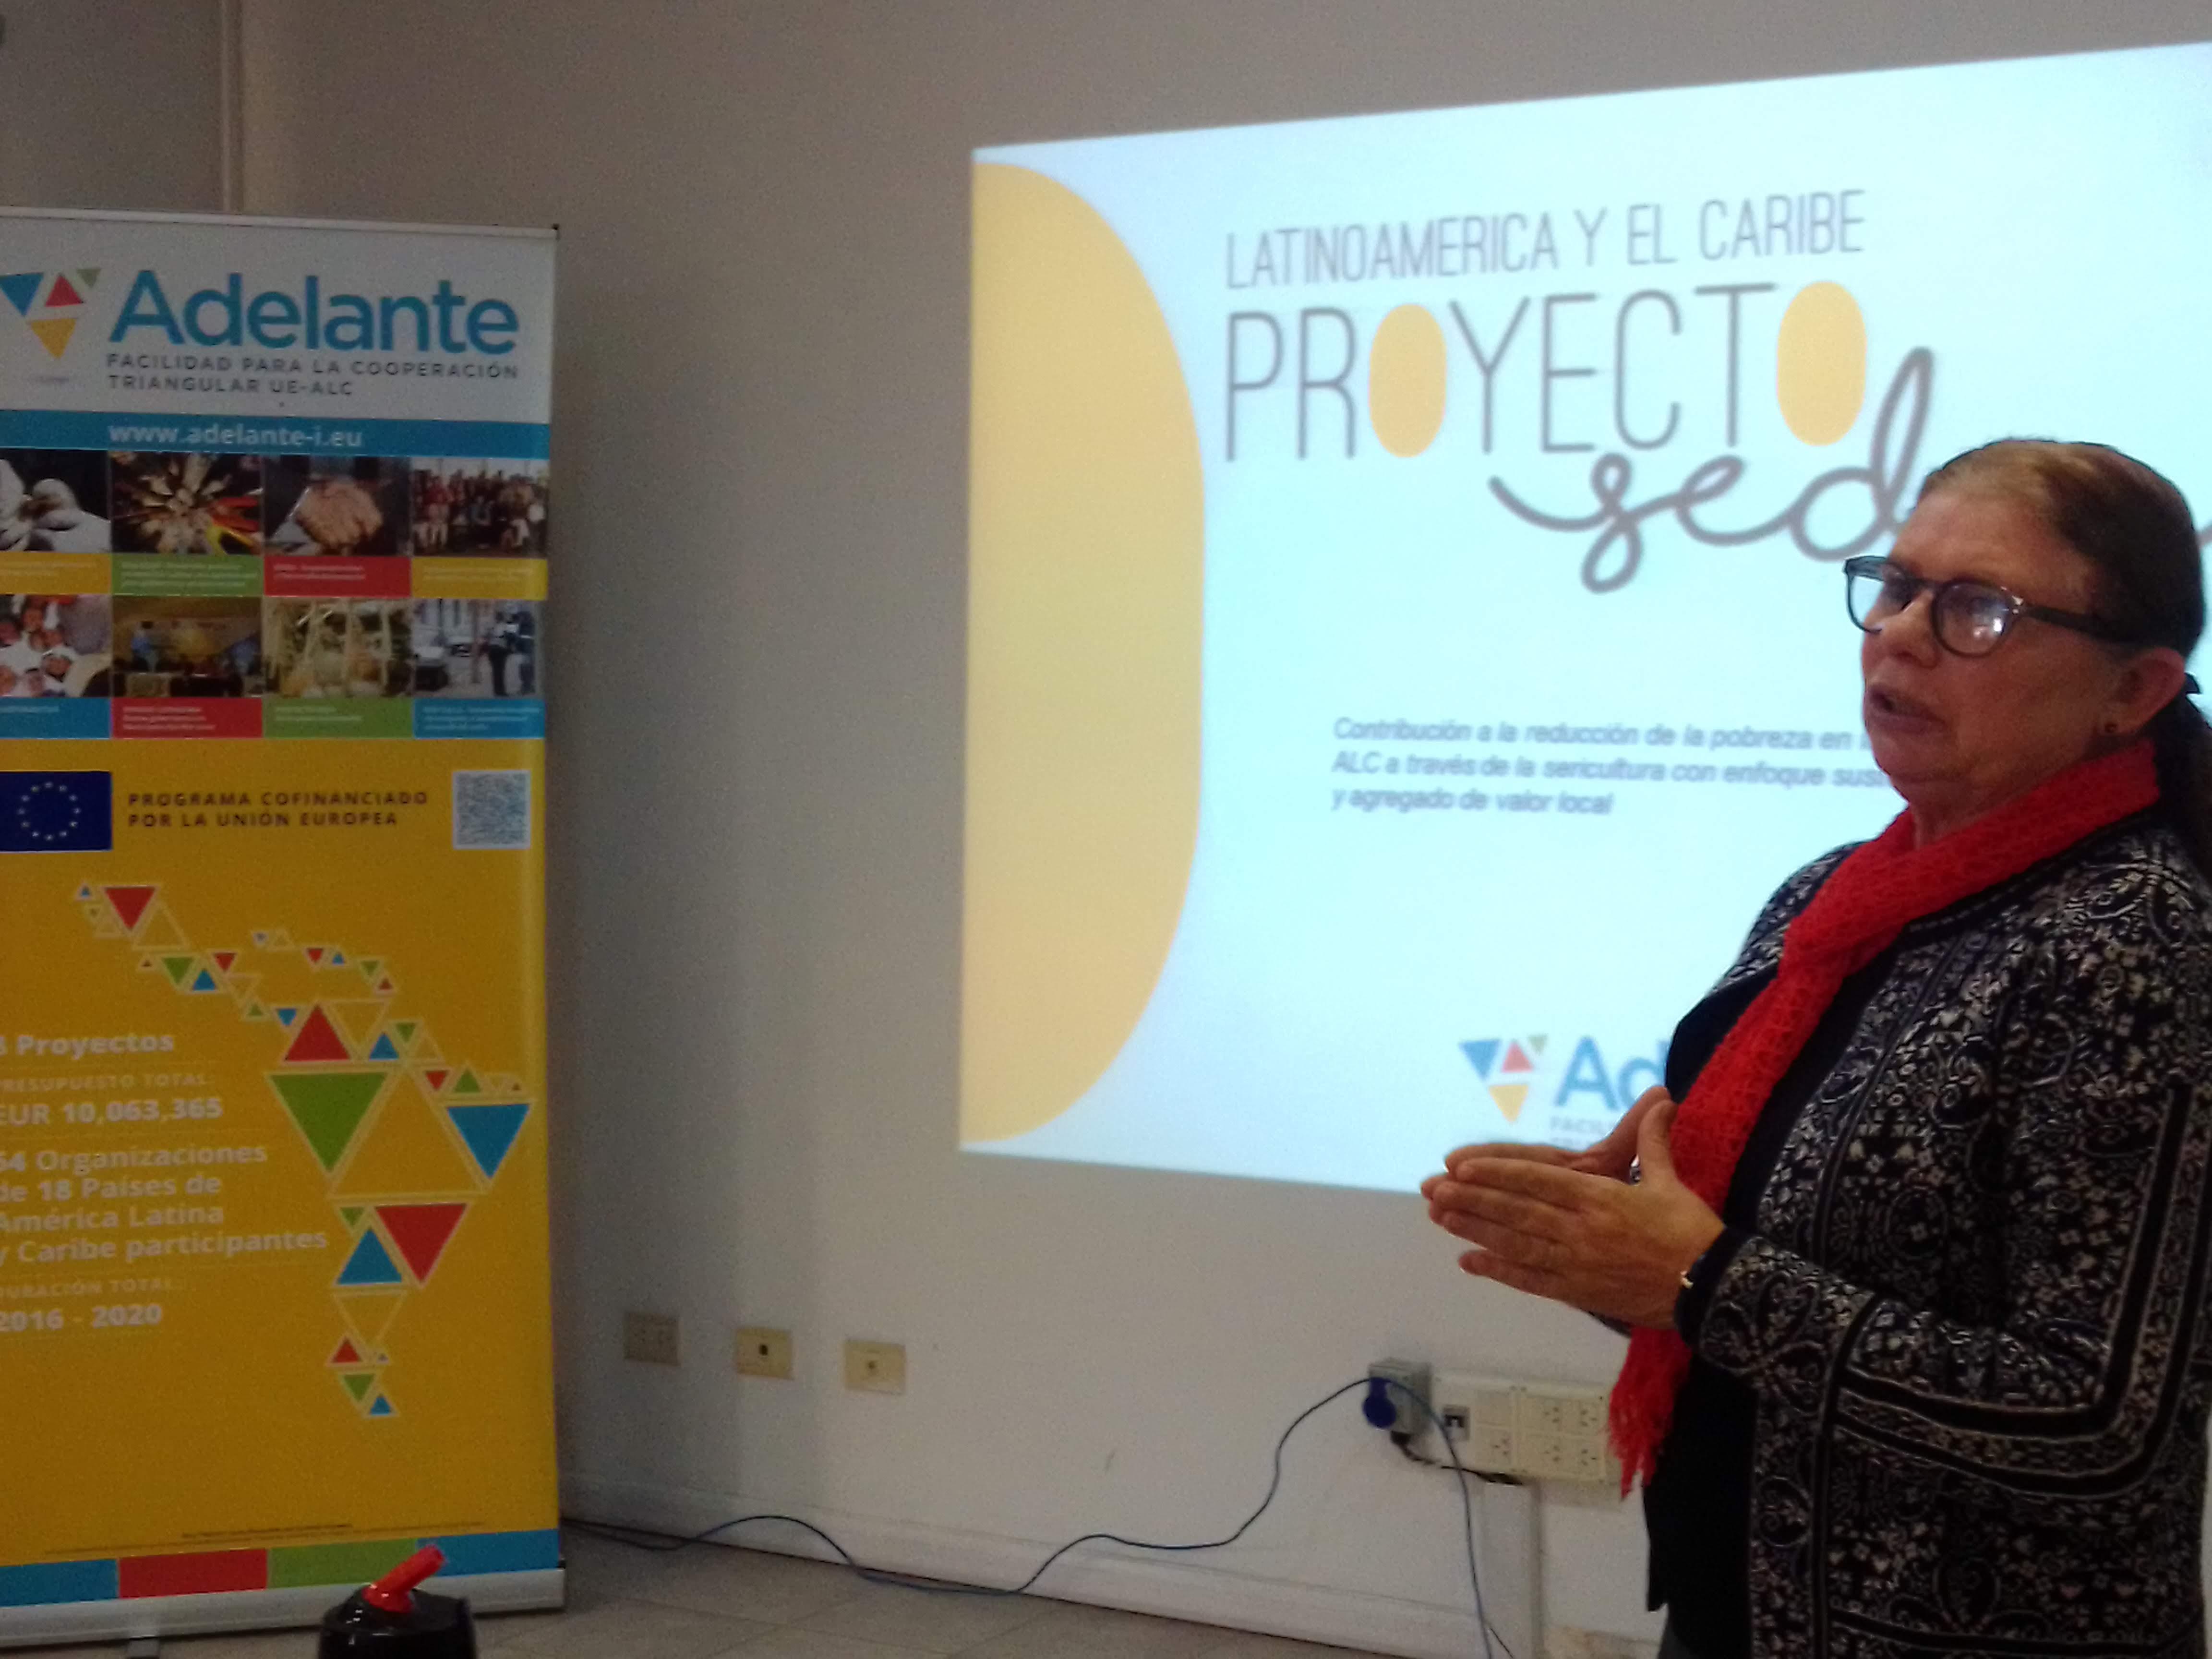 La coordinadora técnica del Proyecto Seda dió la bienvenida al evento y expuso sobre la feria textil ITMA, Barcelona 2019 y el Congreso ICNF, Portugal 2019.